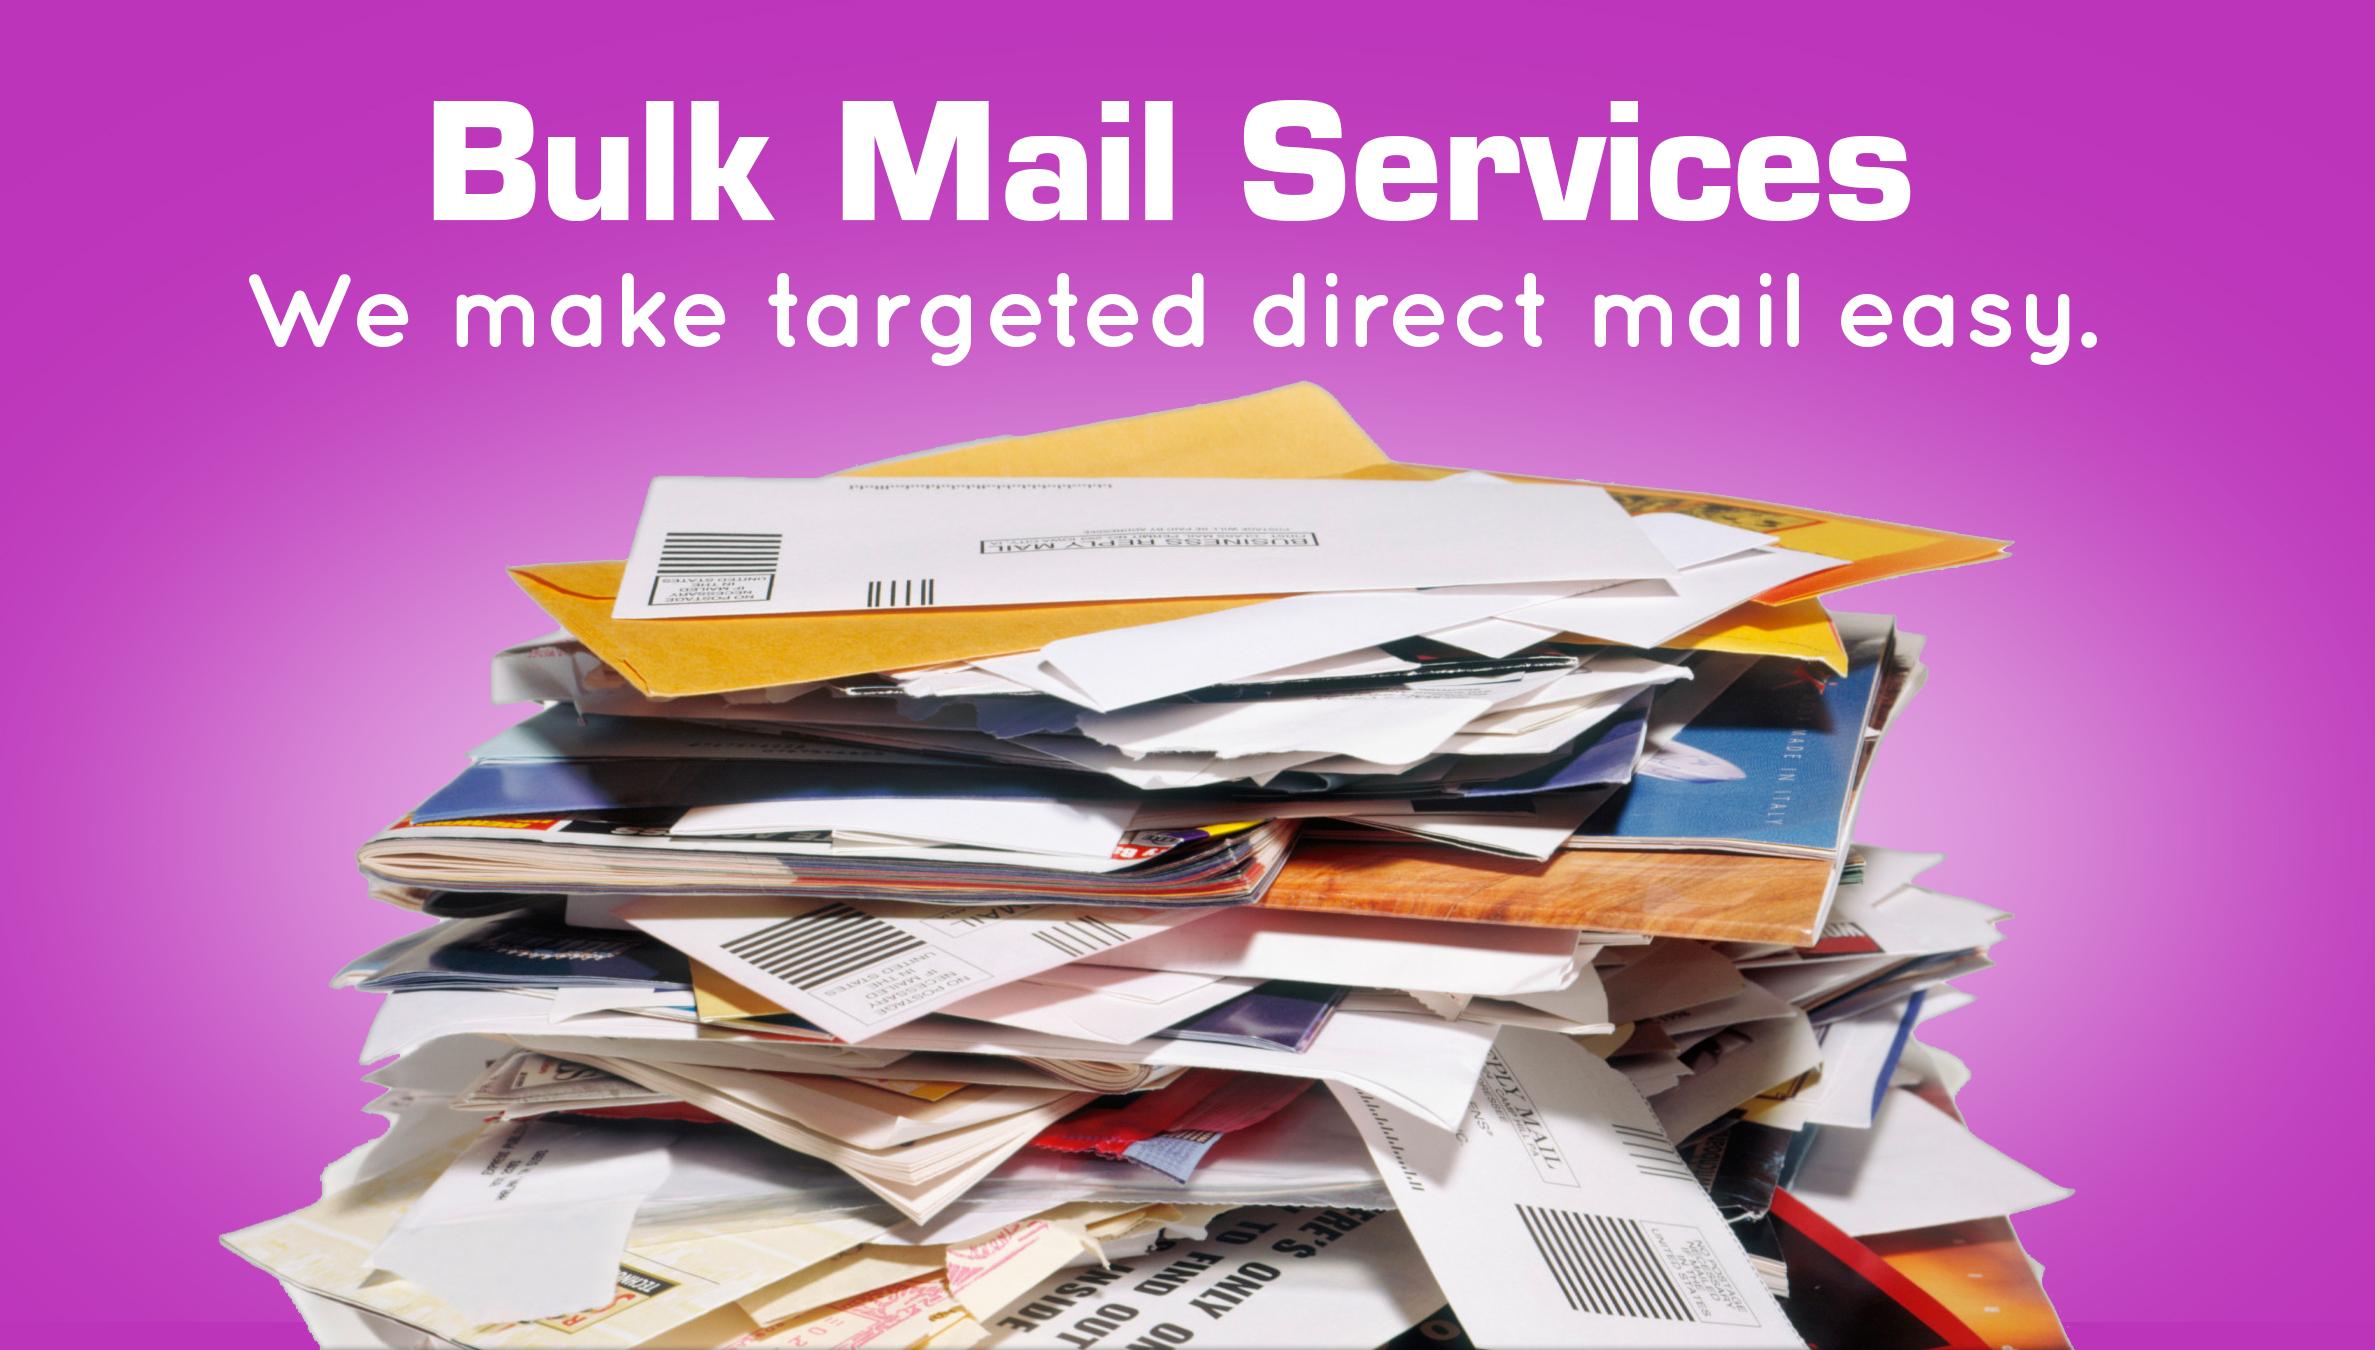 Bulk Mail Services